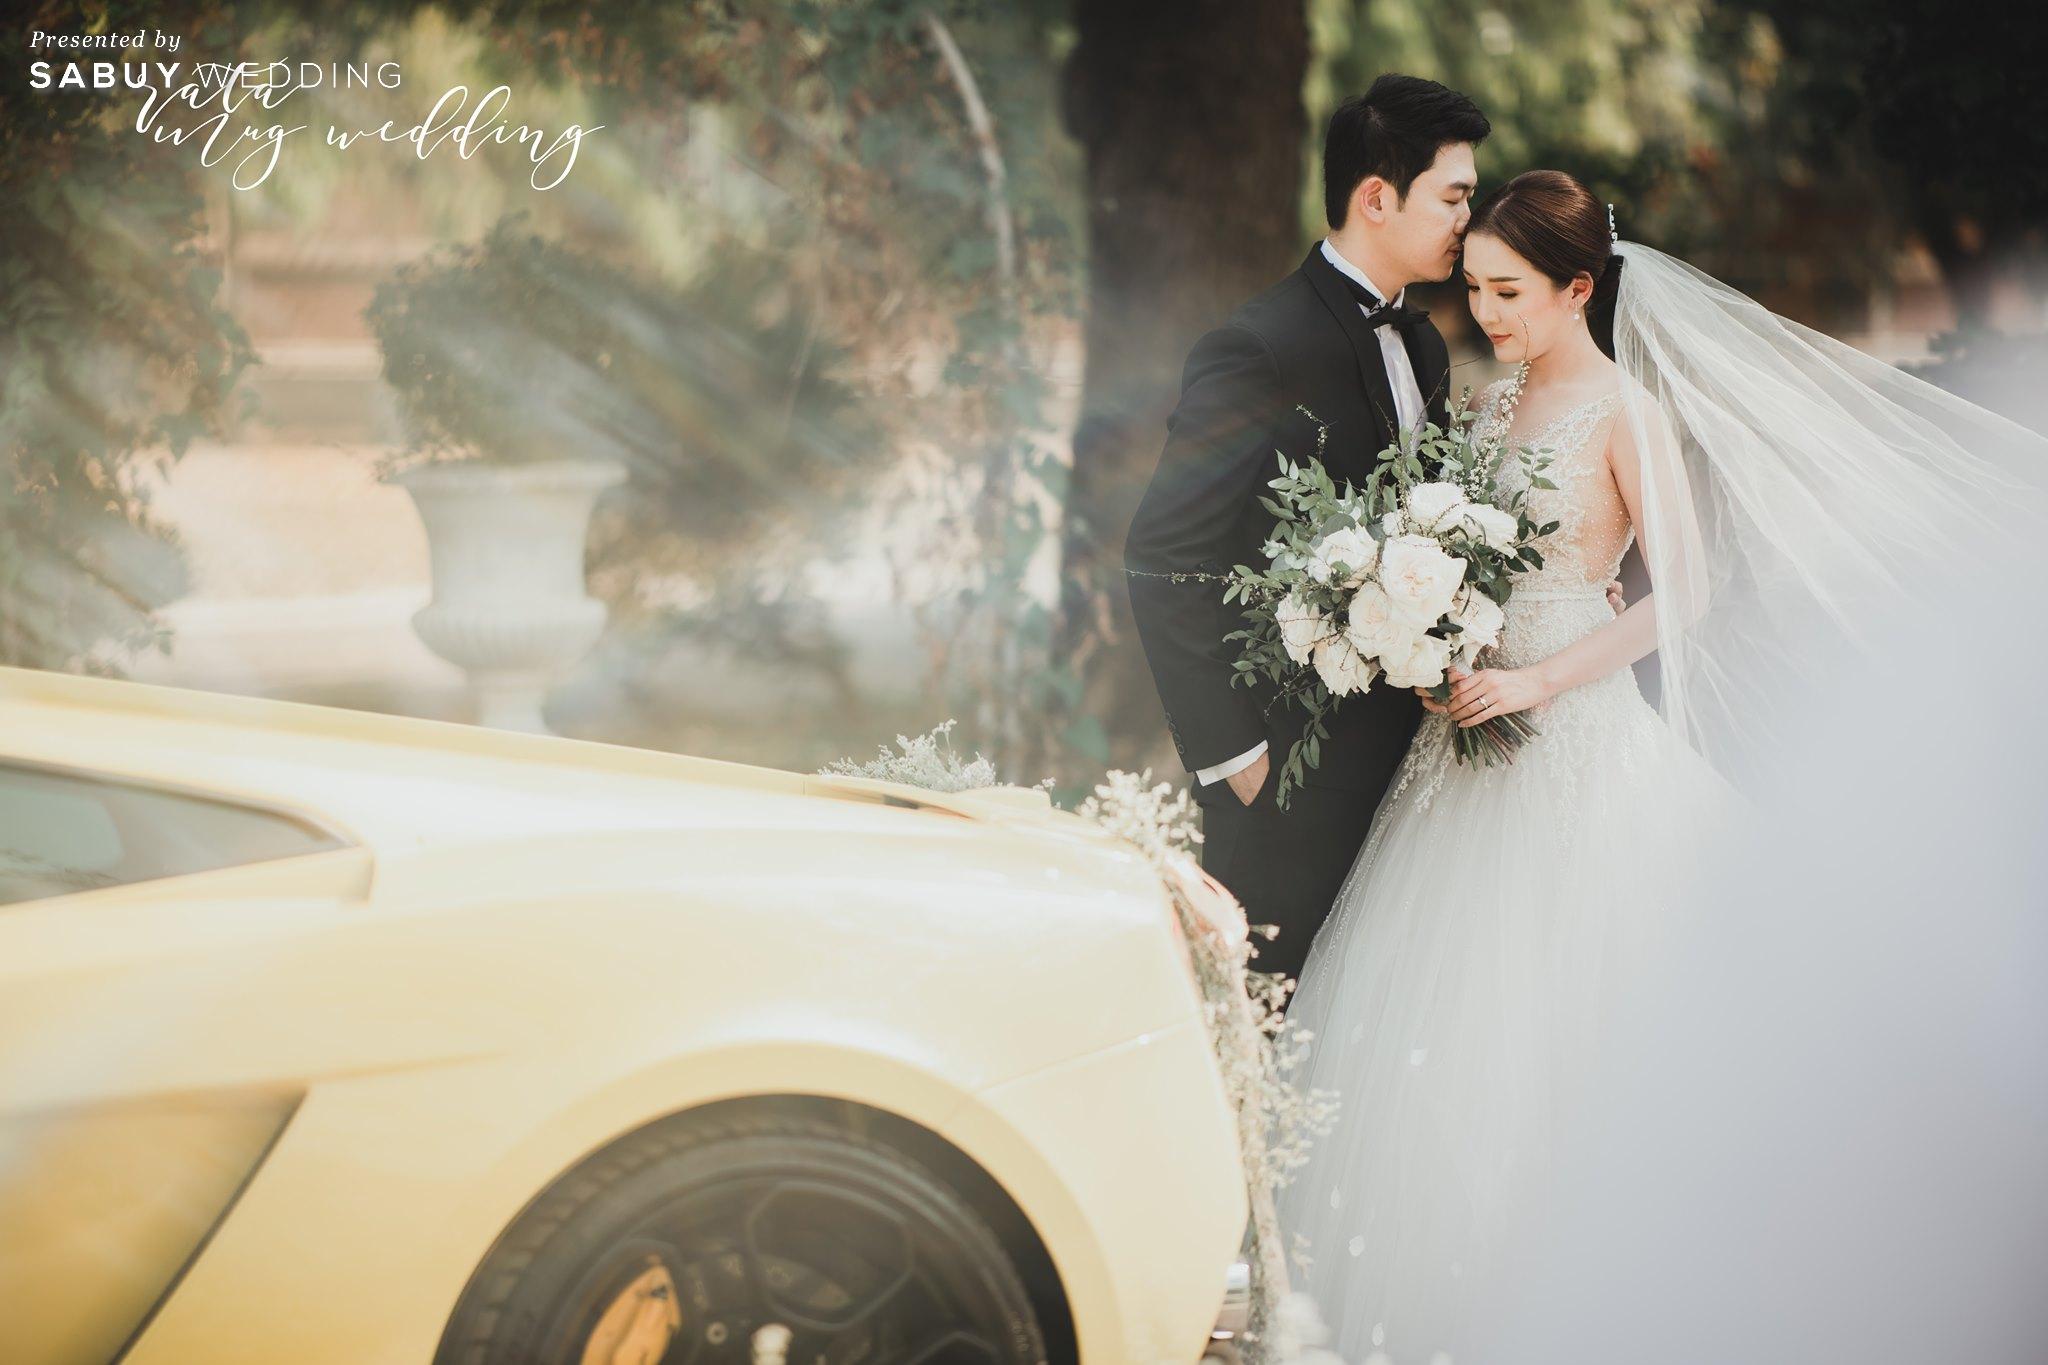 เจ้าบ่าว,เจ้าสาว,ชุดแต่งงาน,ดอกไม้เจ้าสาว รีวิวงานแต่งสวนสวยละมุนใจ บรรยากาศโรแมนติก @ Le coq d'or Chiangmai